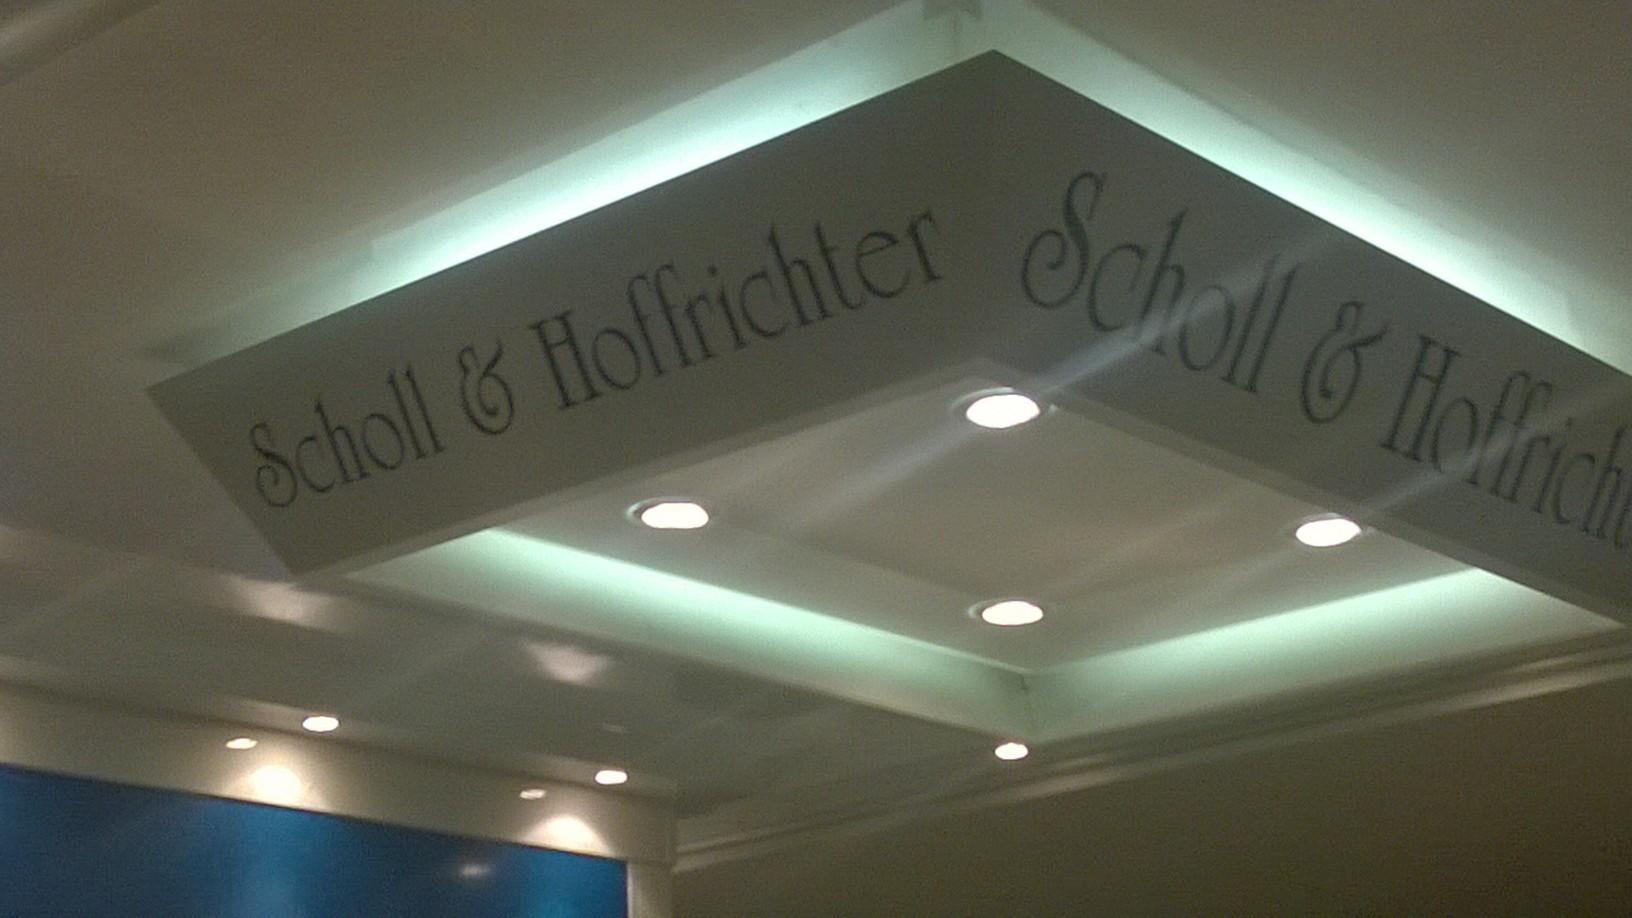 Unter dem Schrim von Scholl & Hoffrichter